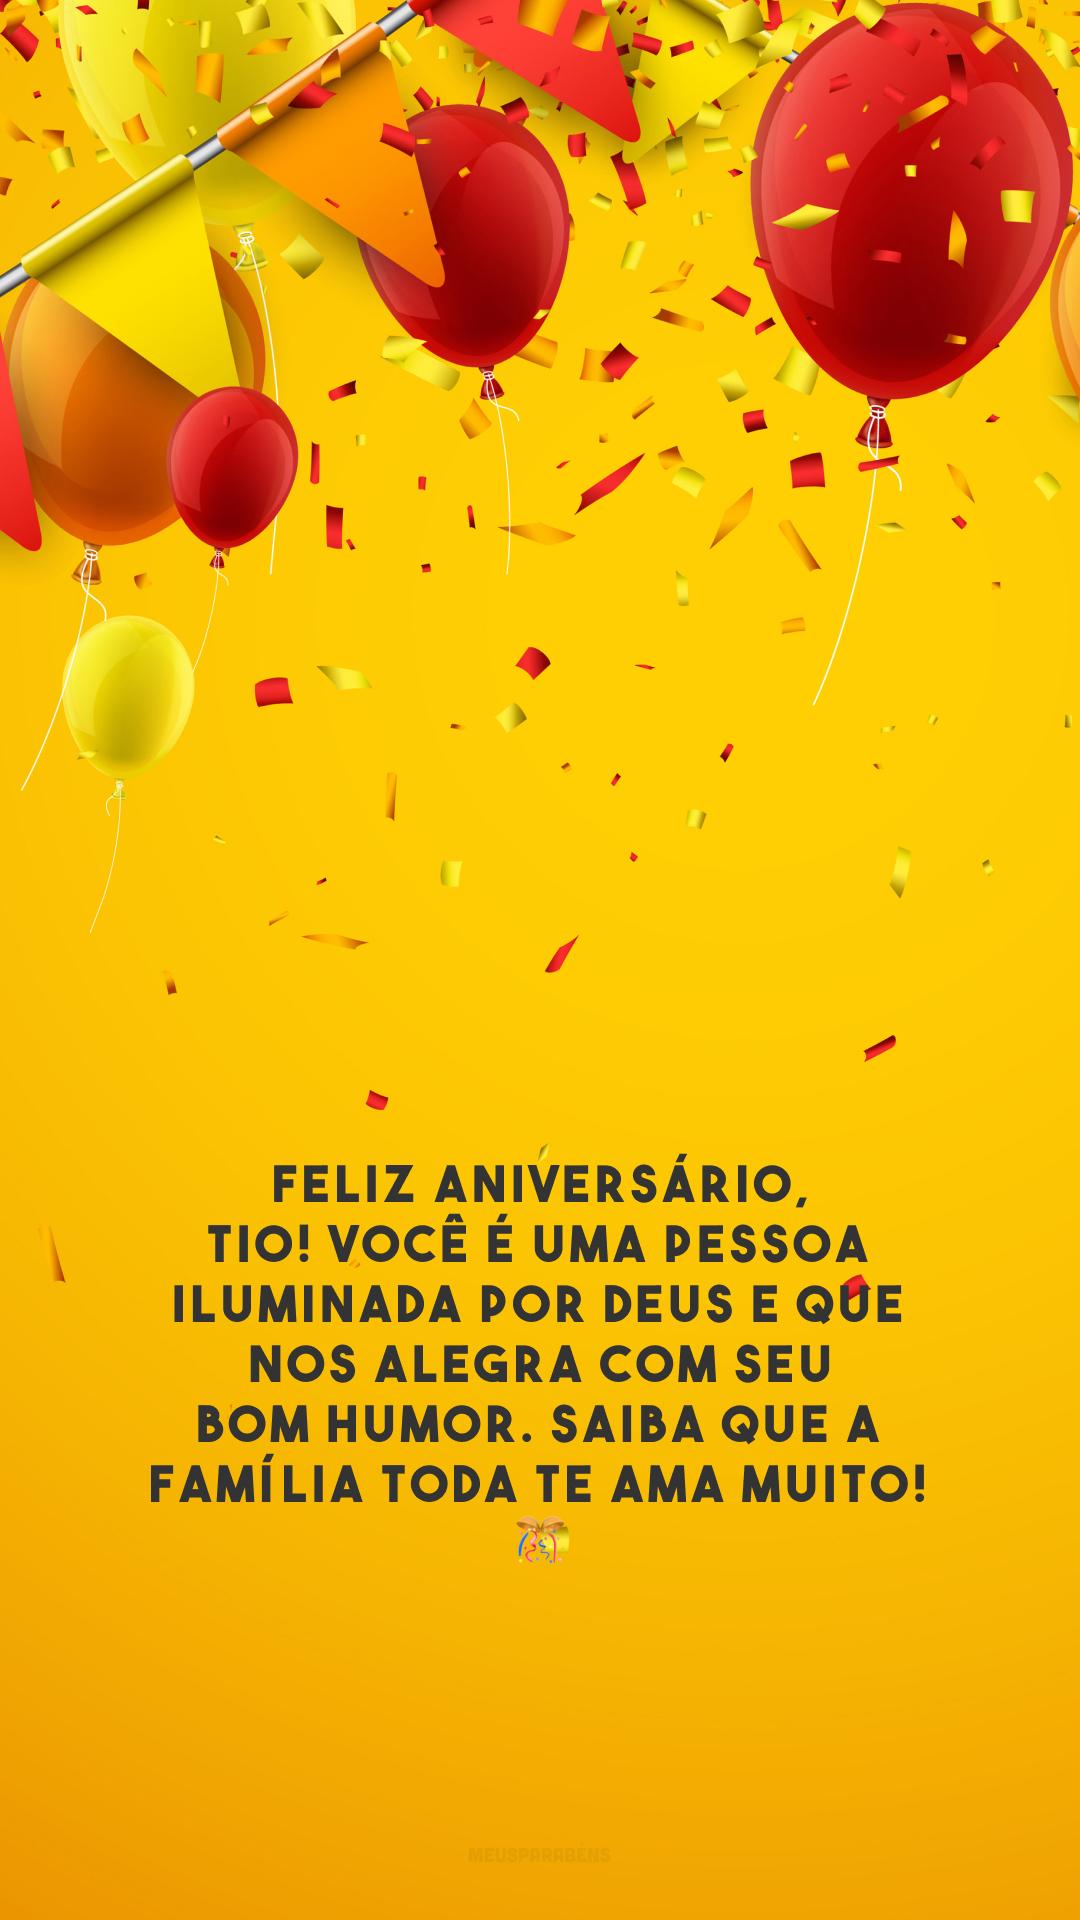 Feliz aniversário, tio! Você é uma pessoa iluminada por Deus e que nos alegra com seu bom humor. Saiba que a família toda te ama muito! 🎊